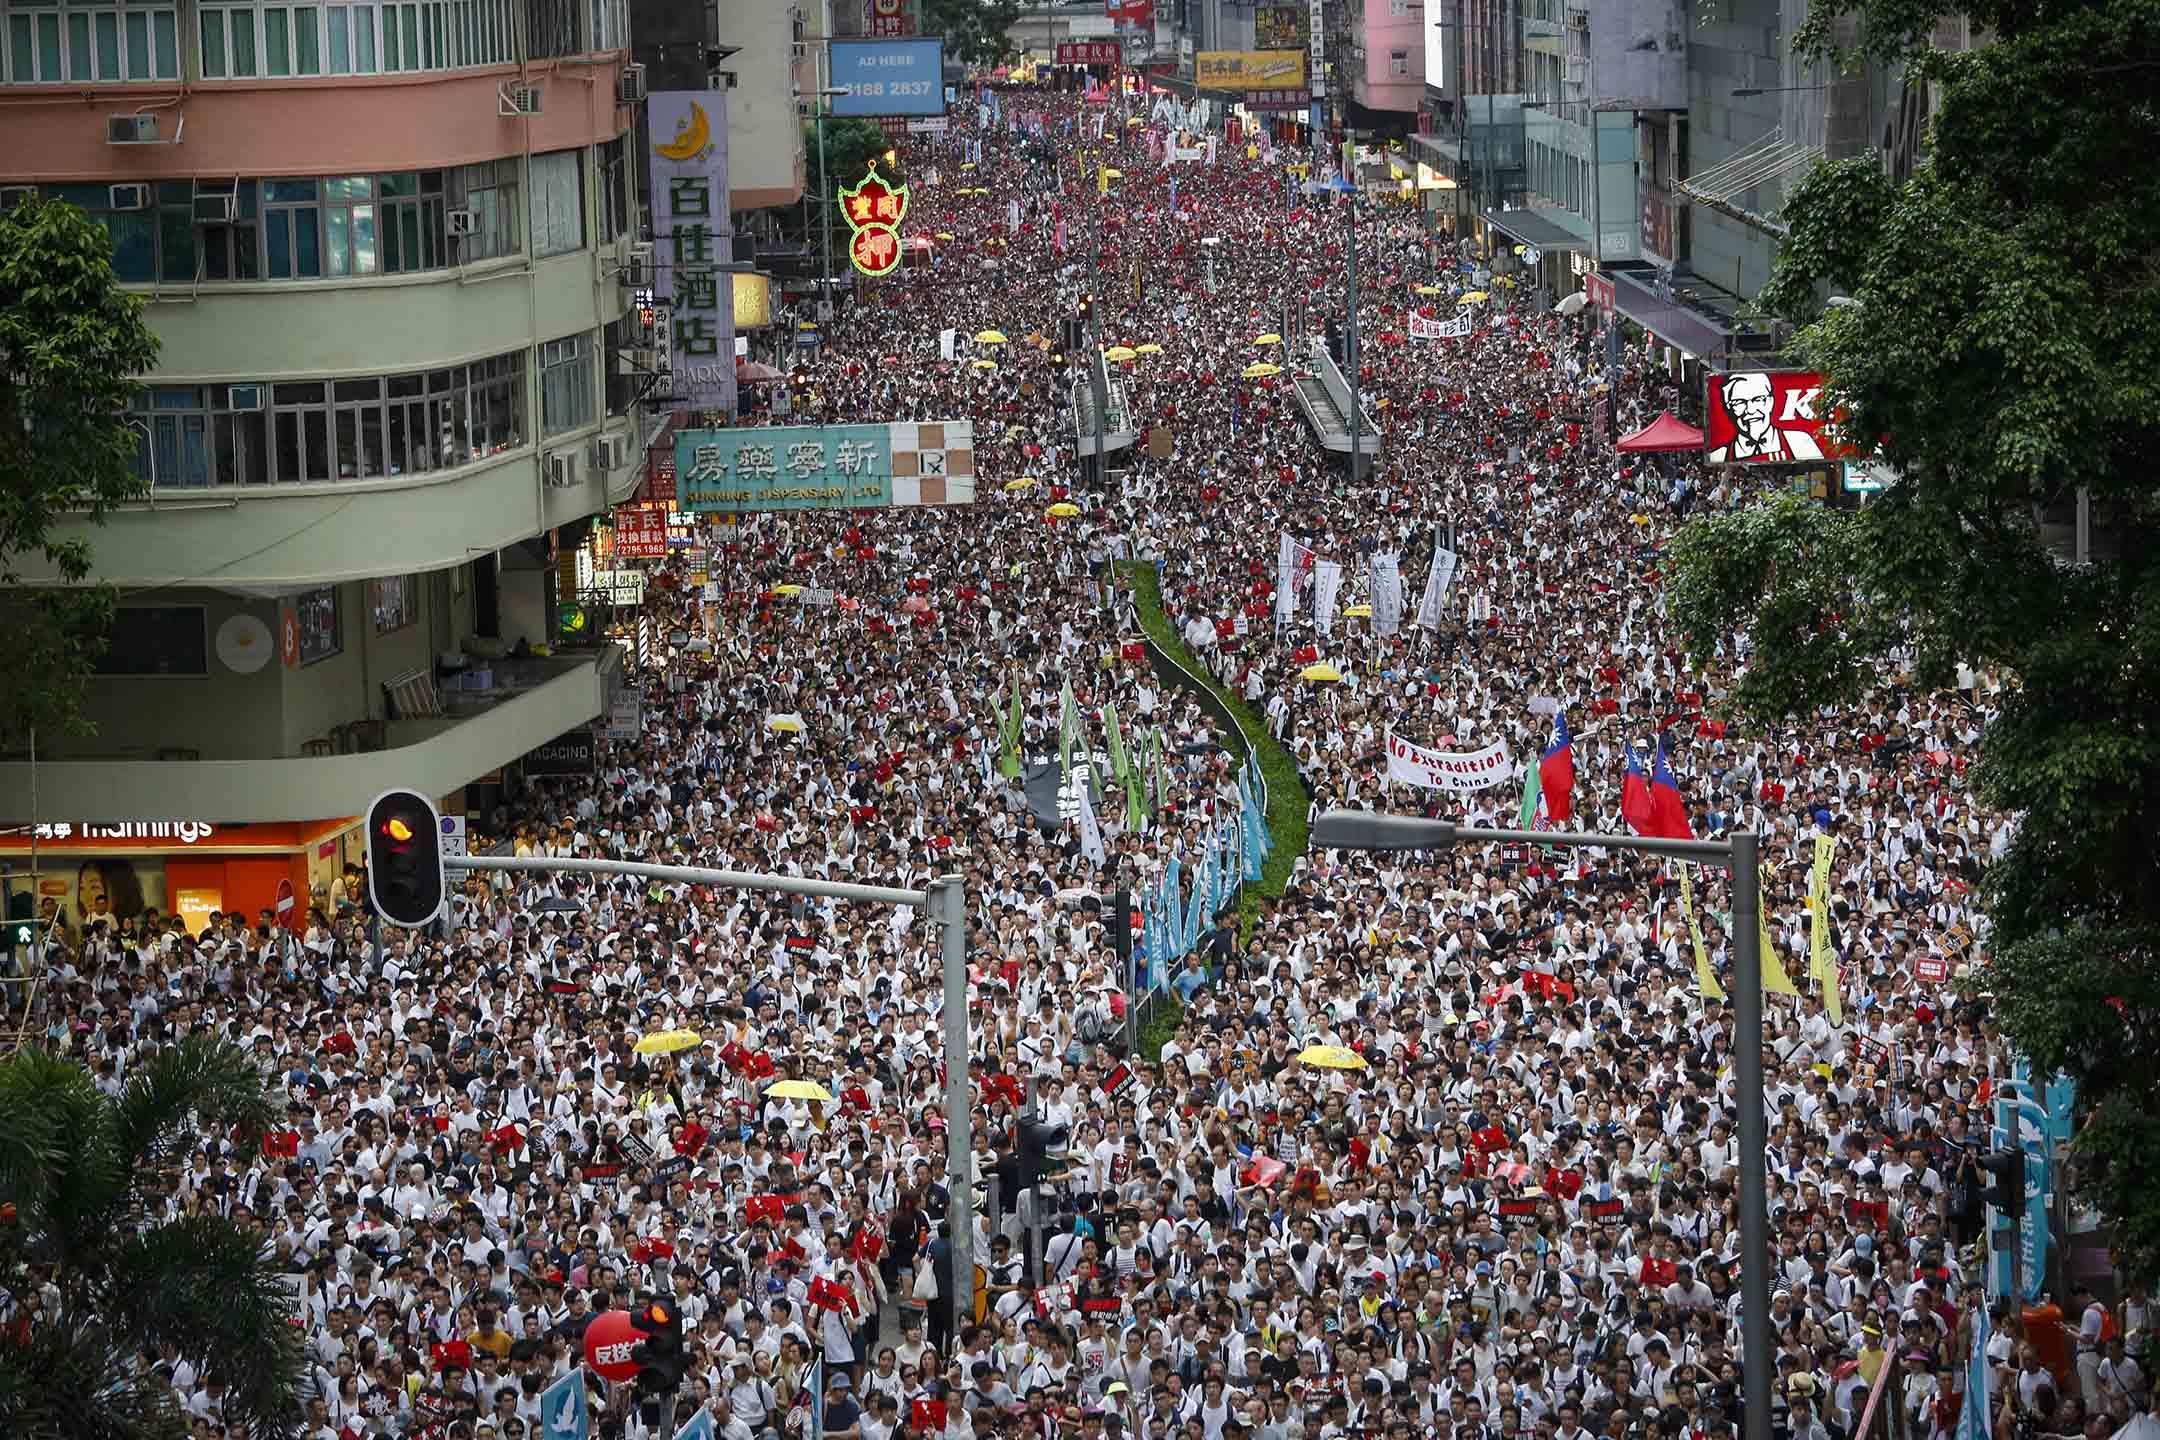 2019年6月9日,民間人權陣線發起「反送中」遊行,至傍晚仍有大批遊行人士在途中。